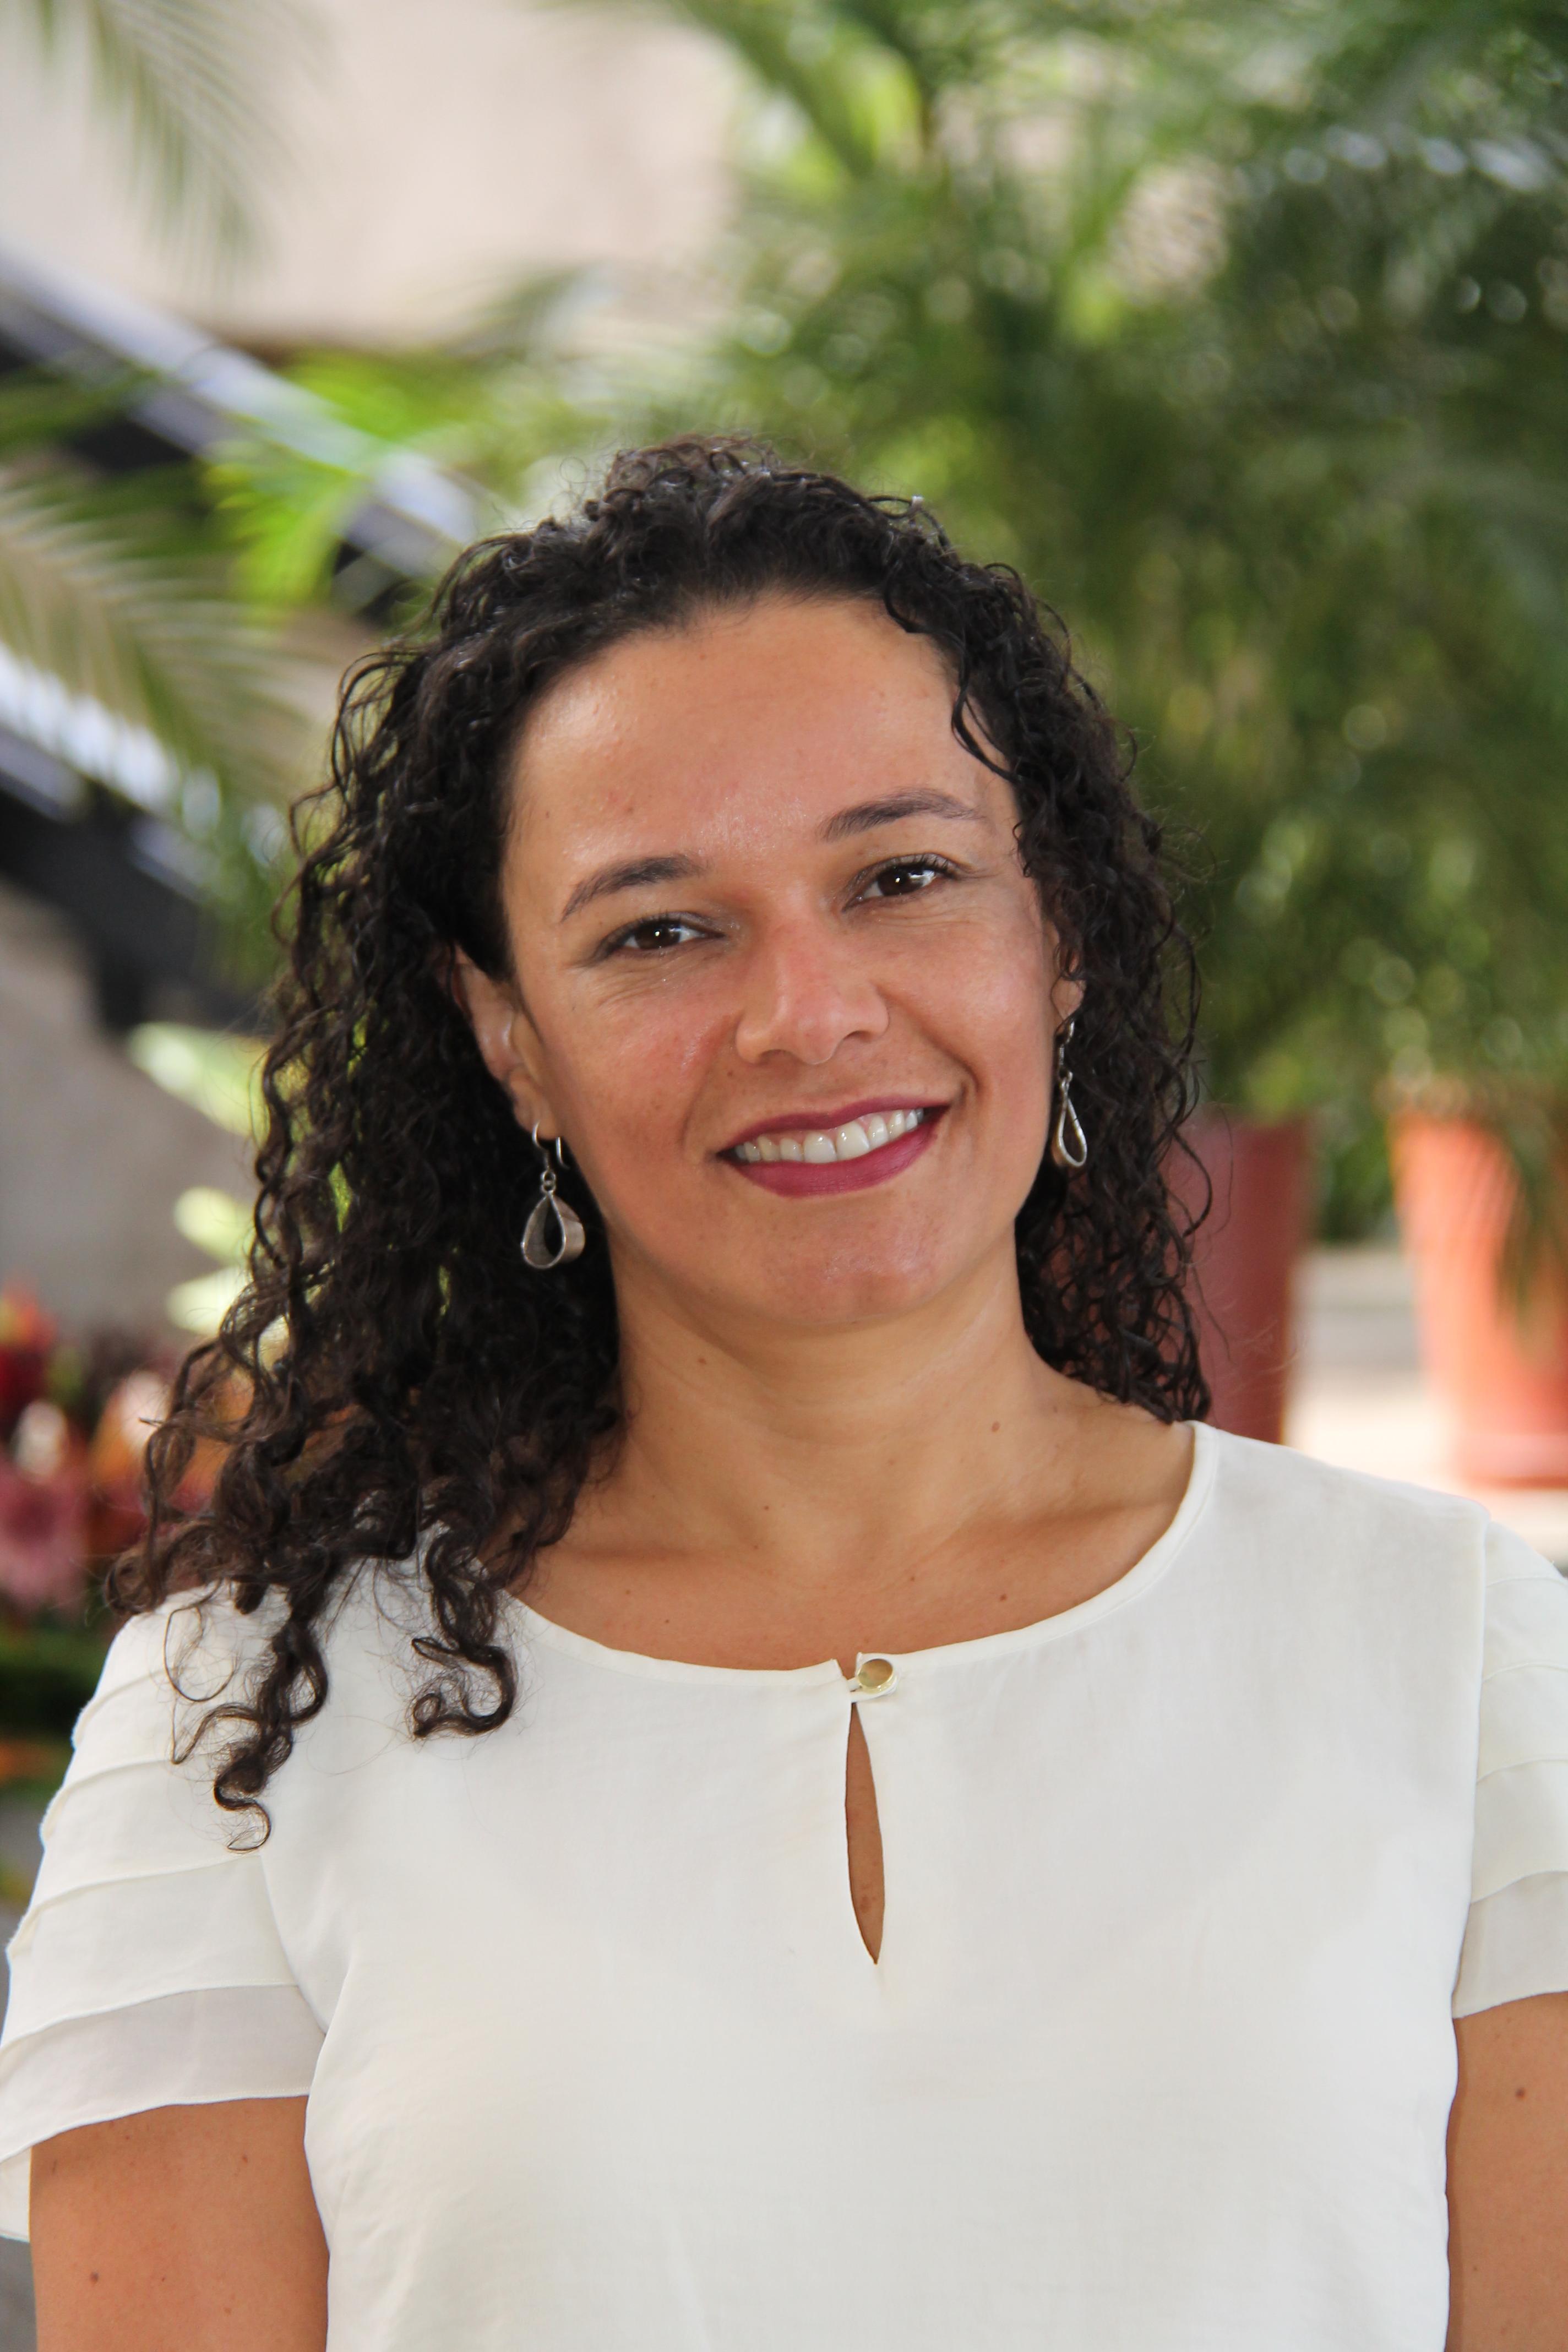 Andrea Prado